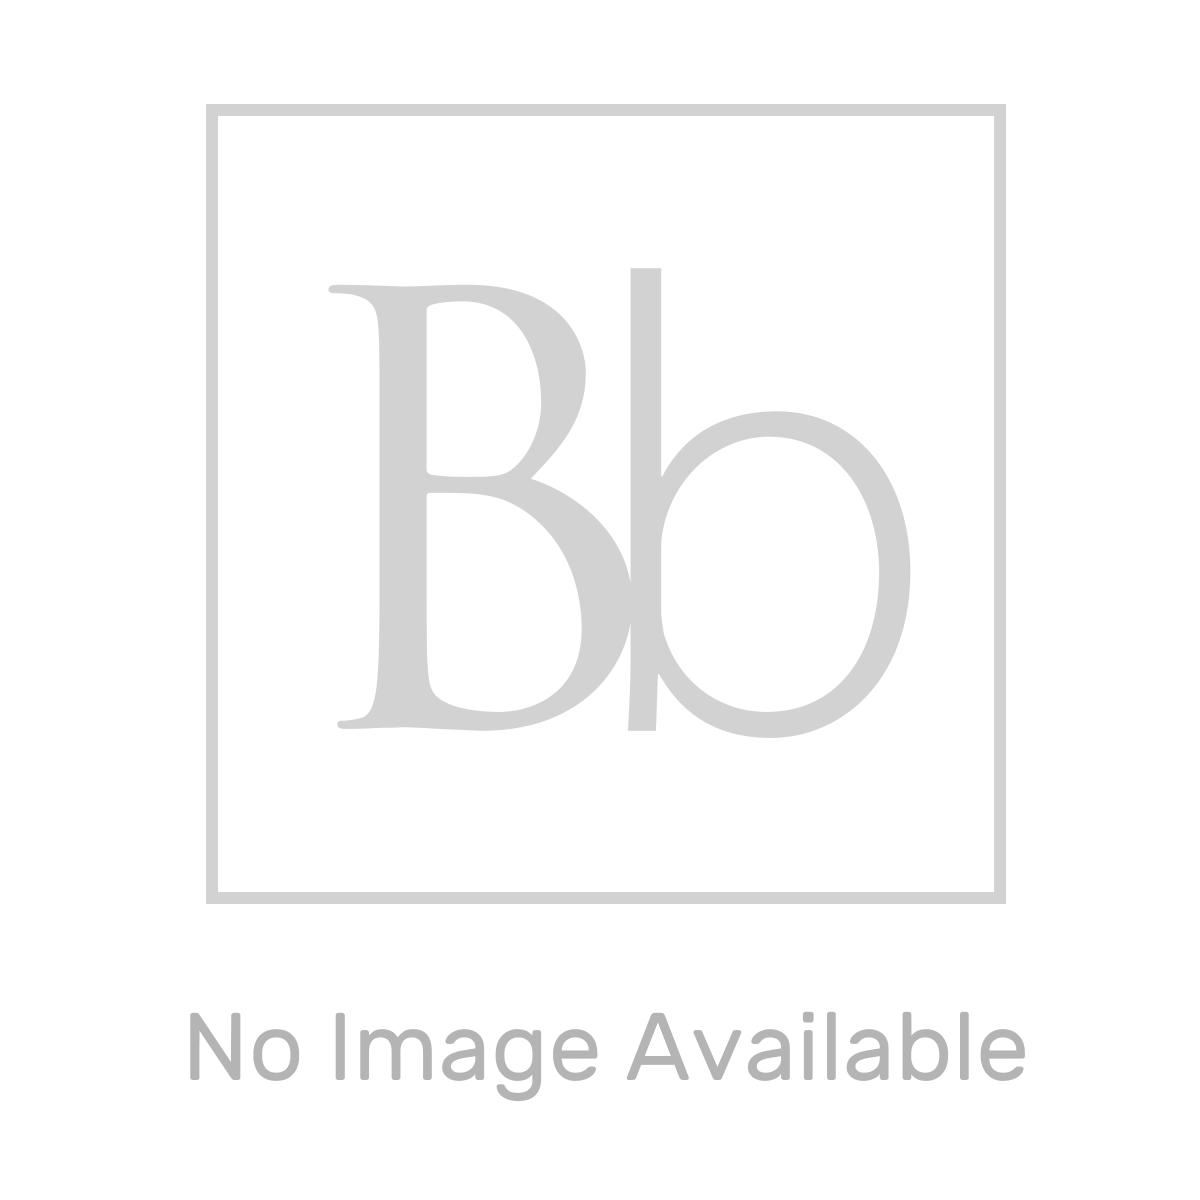 Elation Sendai Dijon Walnut Framed Mirror 450mm